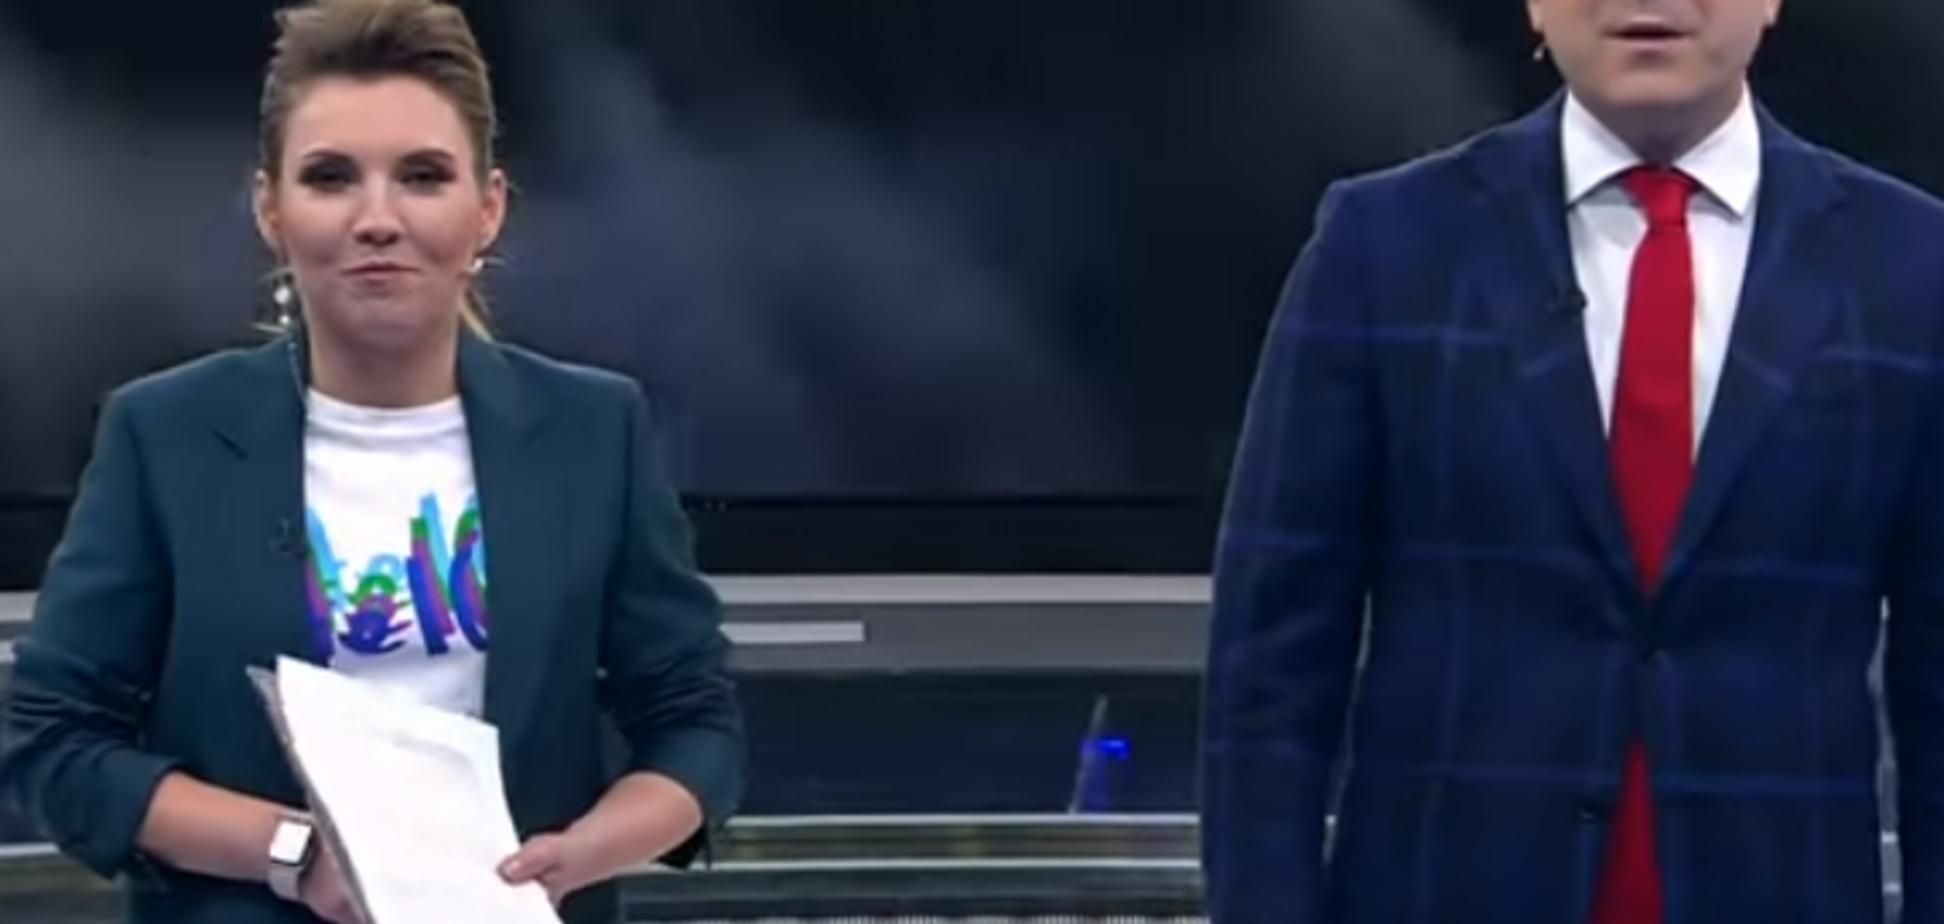 ''Майдан закрили'': на росТБ видали безглуздий фейк про Україну